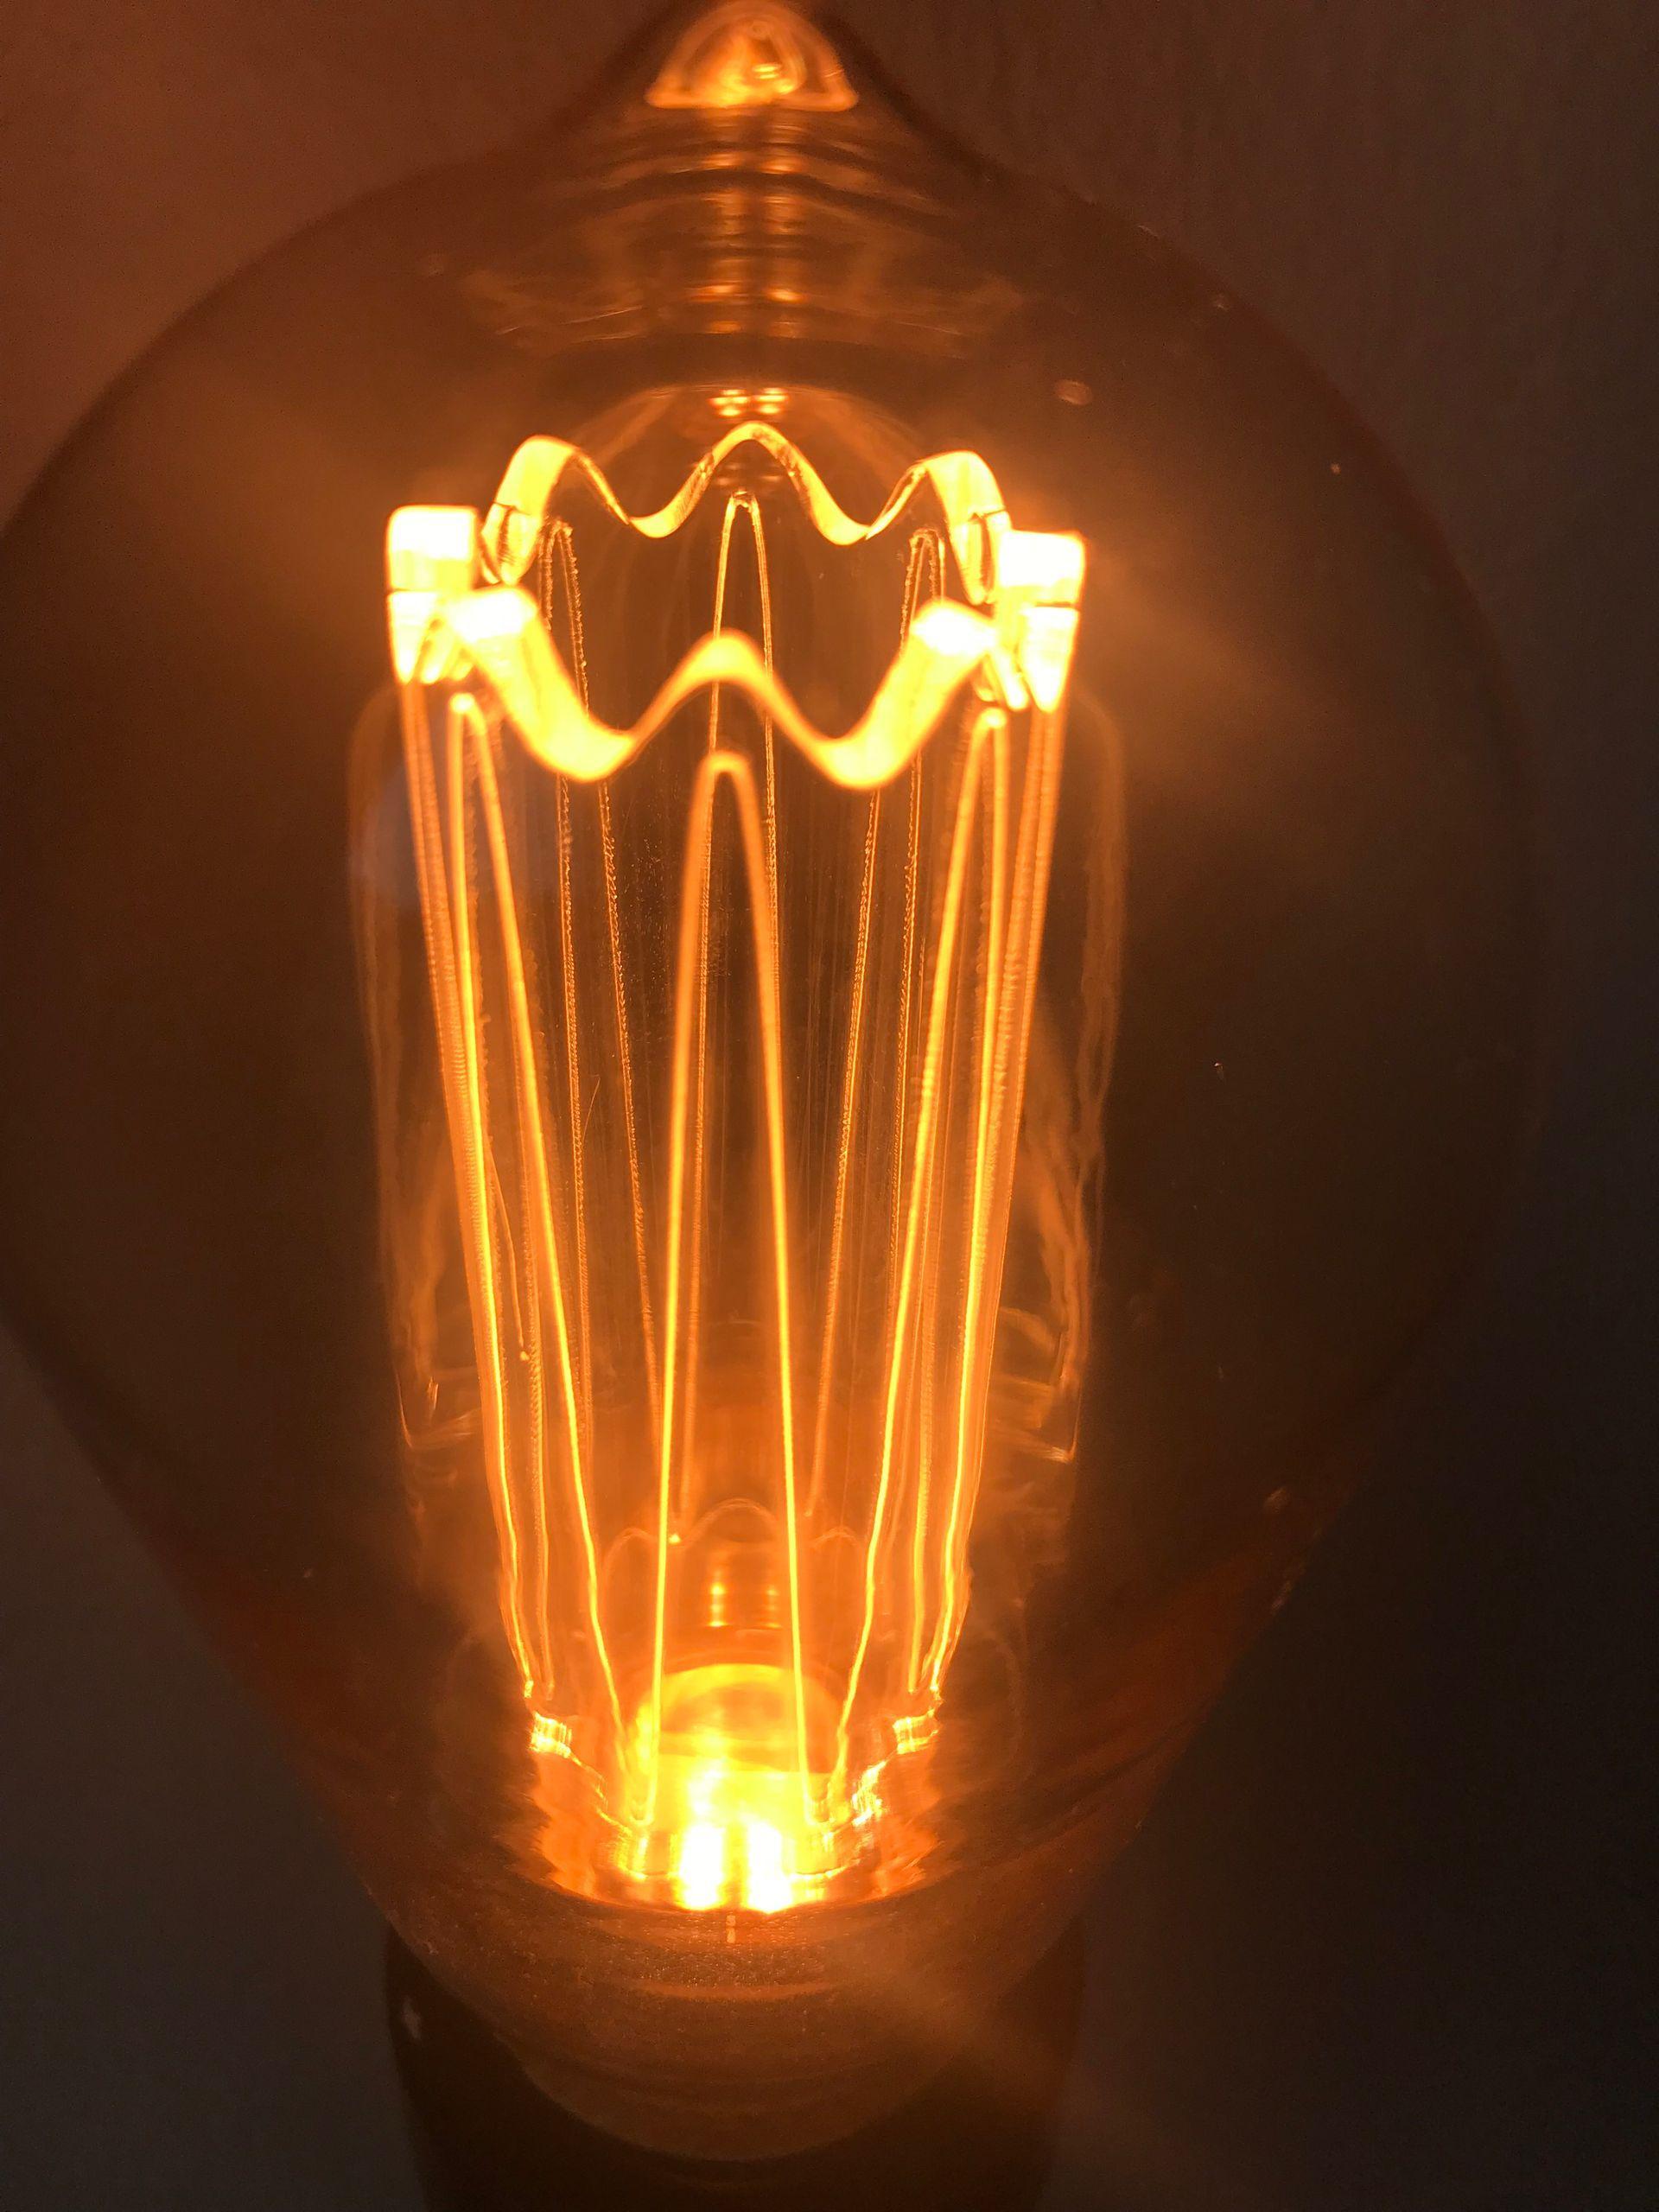 Lampe Dimmbar Led